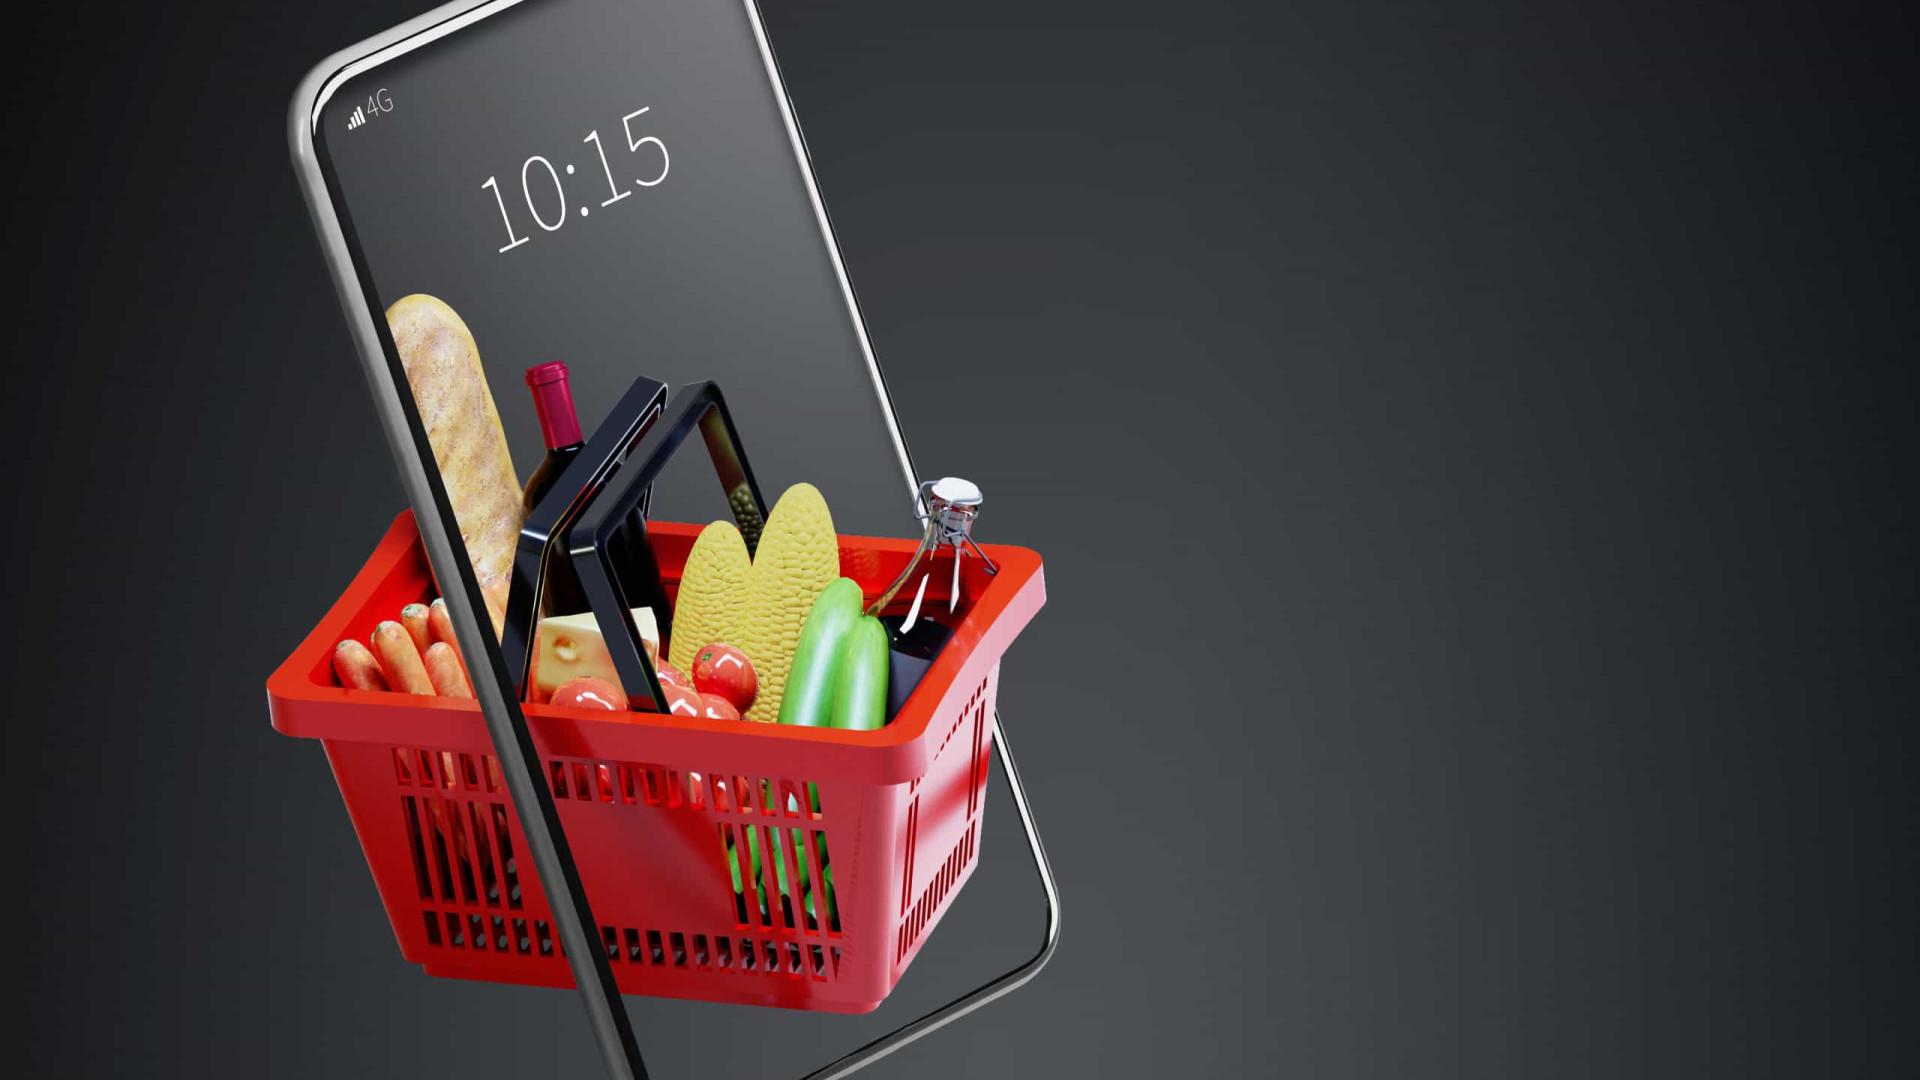 Governo aperta cerco a tributação via apps e marketplaces